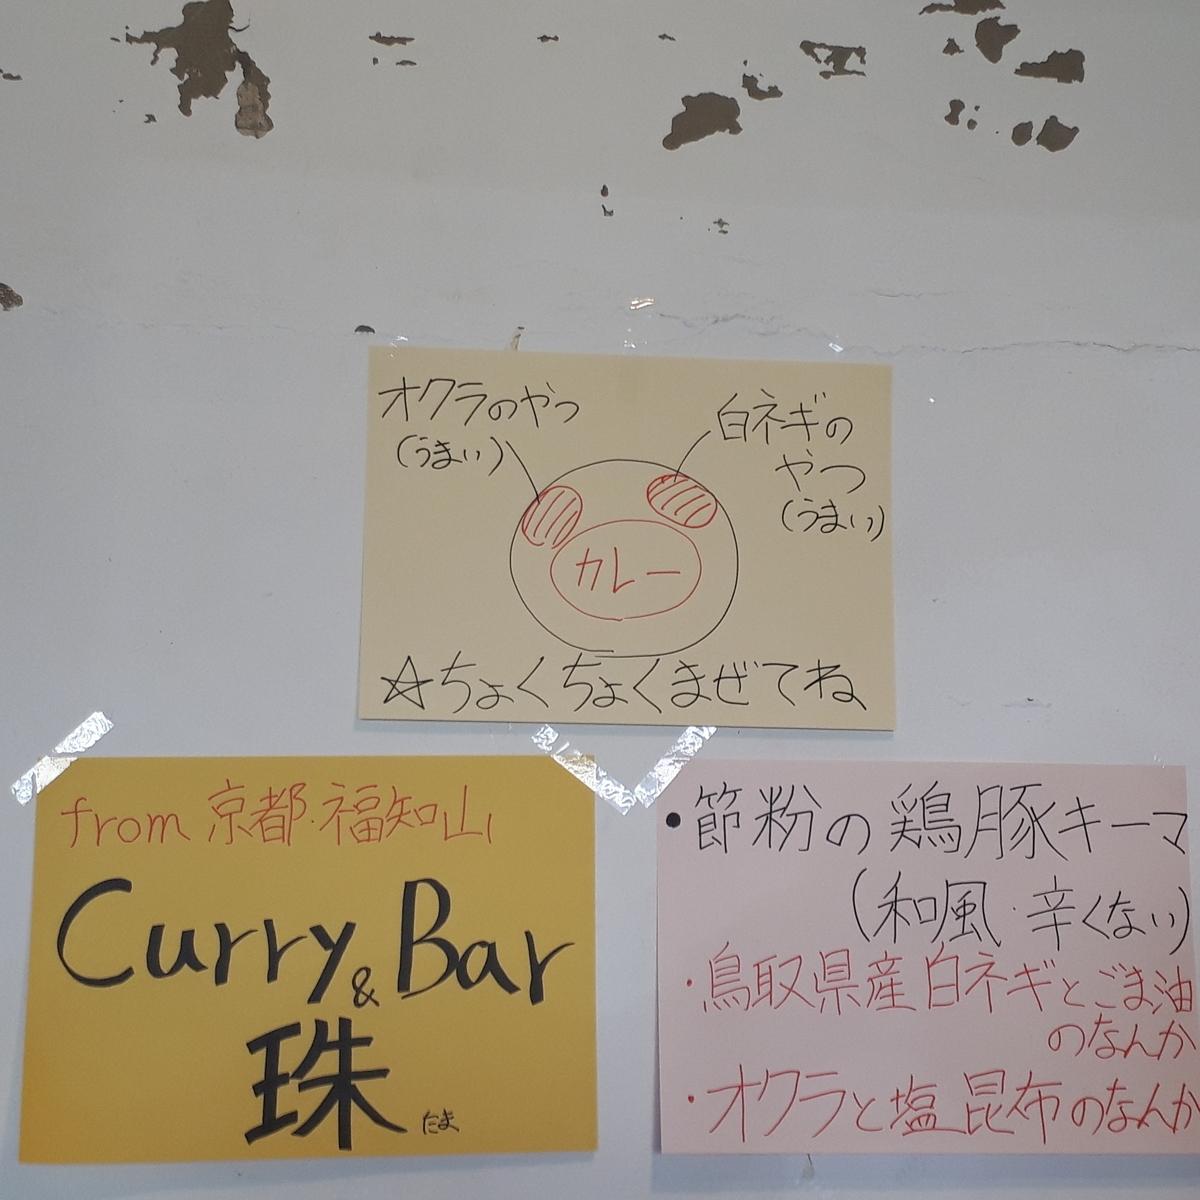 Curry&Bar 珠 節粉の鶏豚キーマ